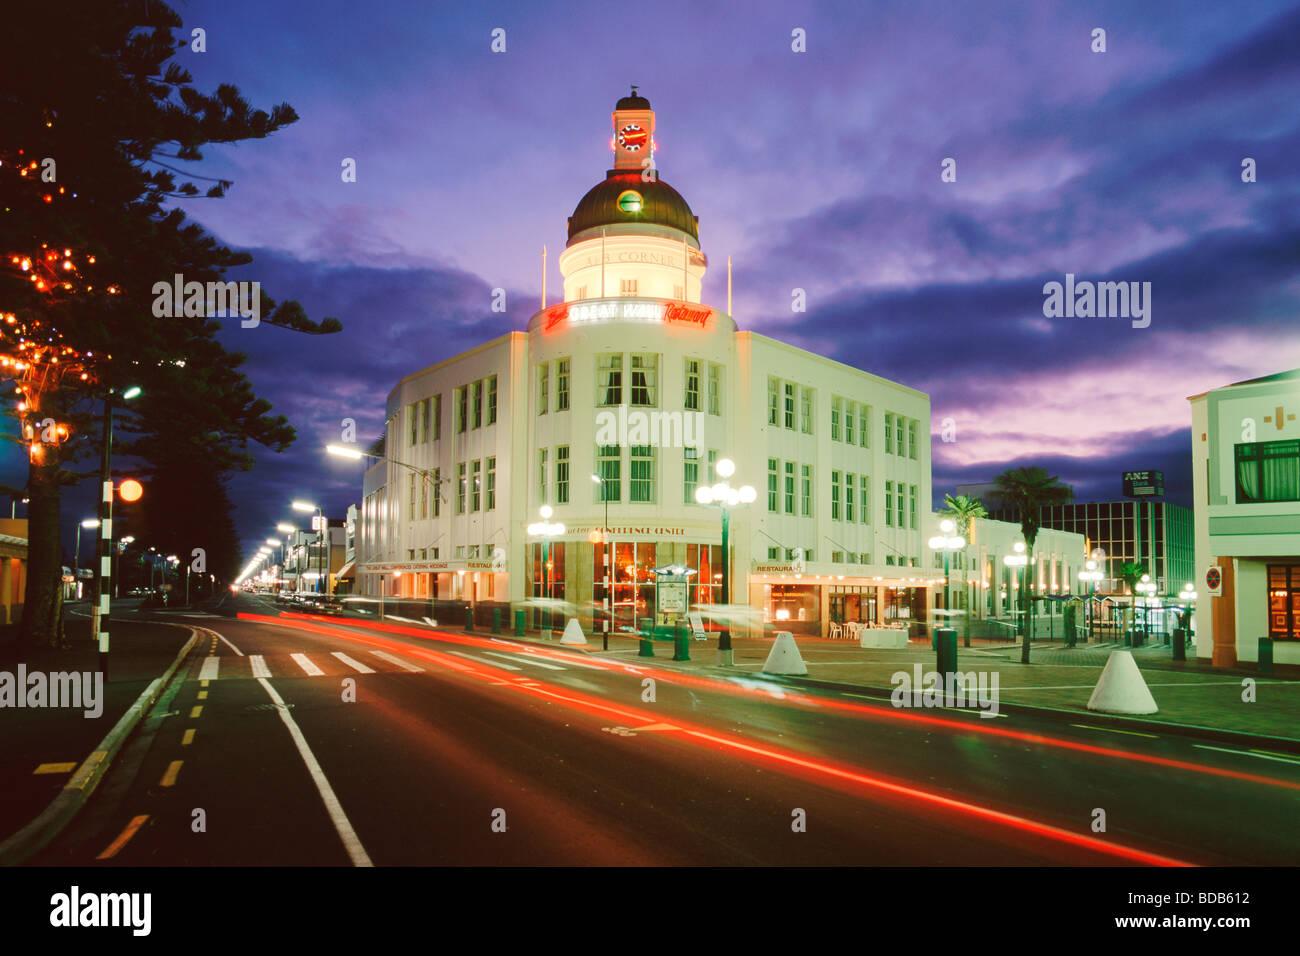 Neuseeland Südinsel Napier Jugendstil-Architektur in der Dämmerung Stockbild